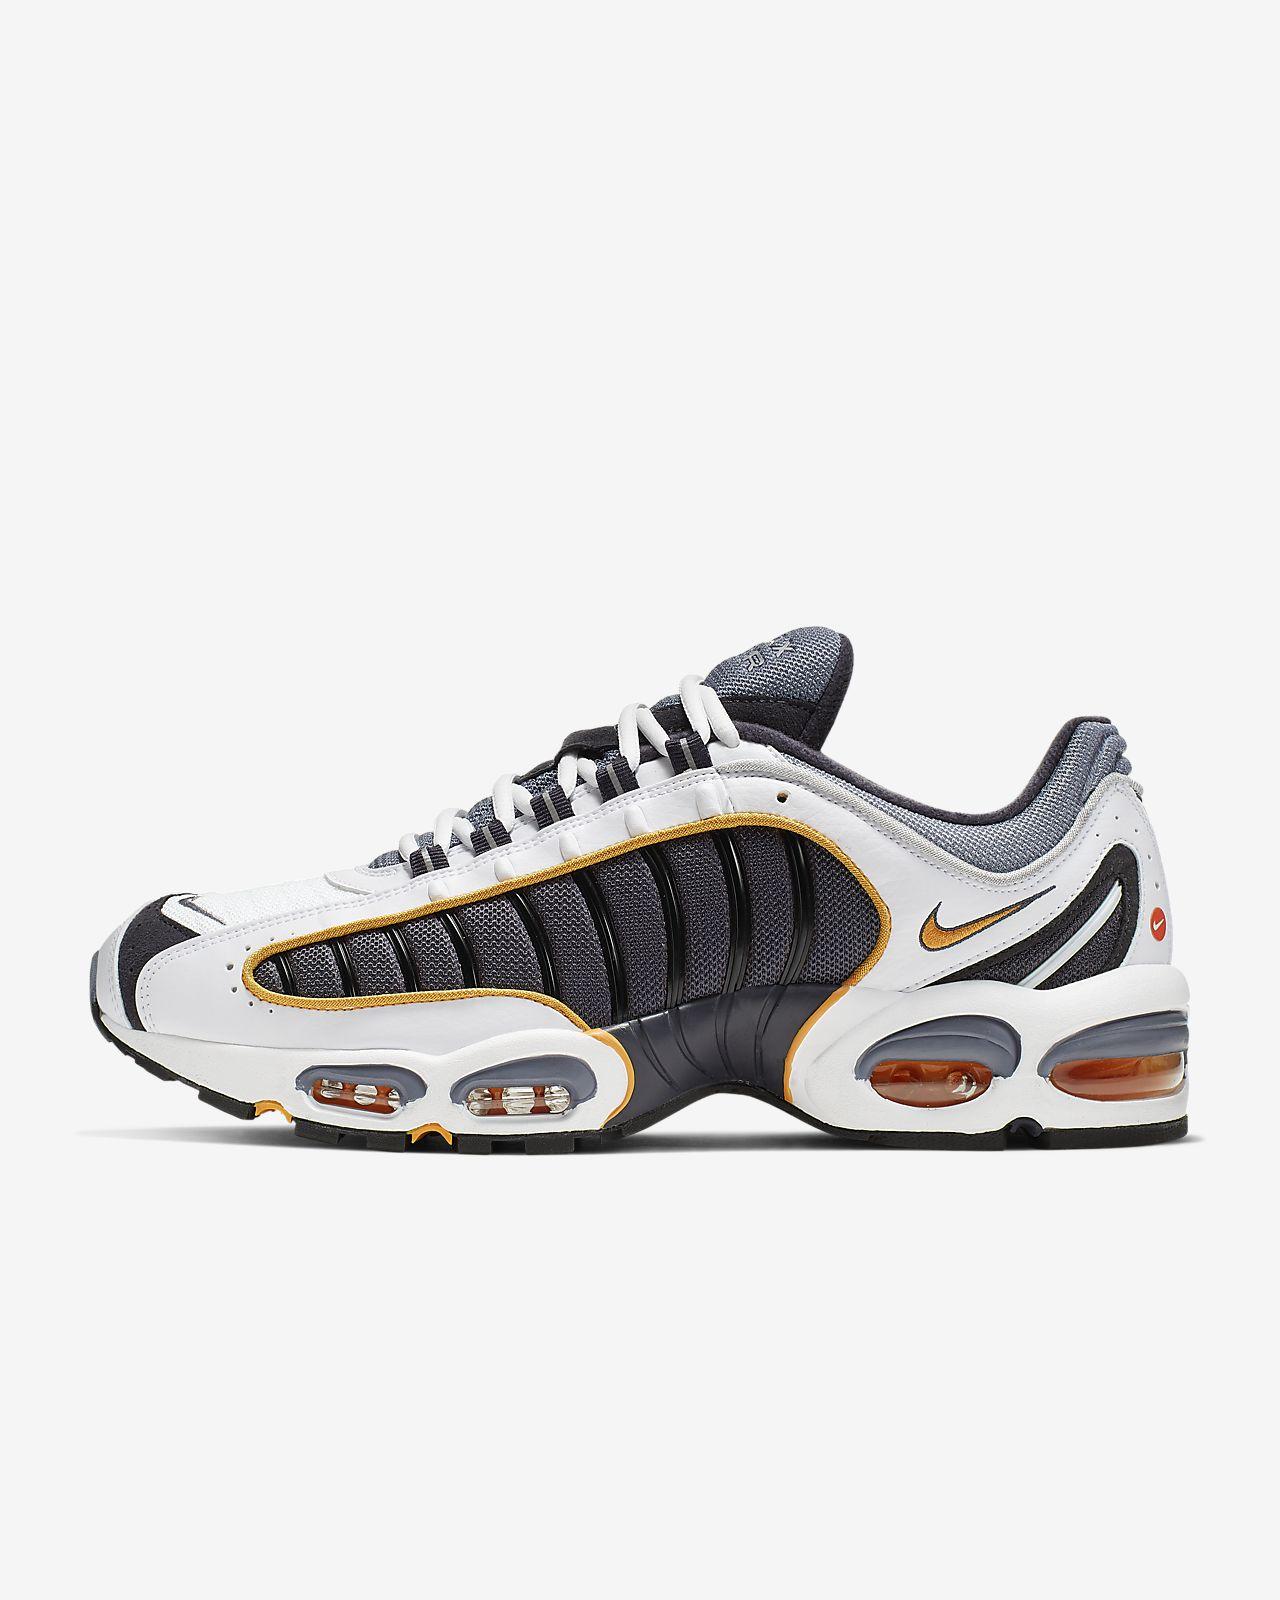 รองเท้าผู้ชาย Nike Air Max Tailwind IV